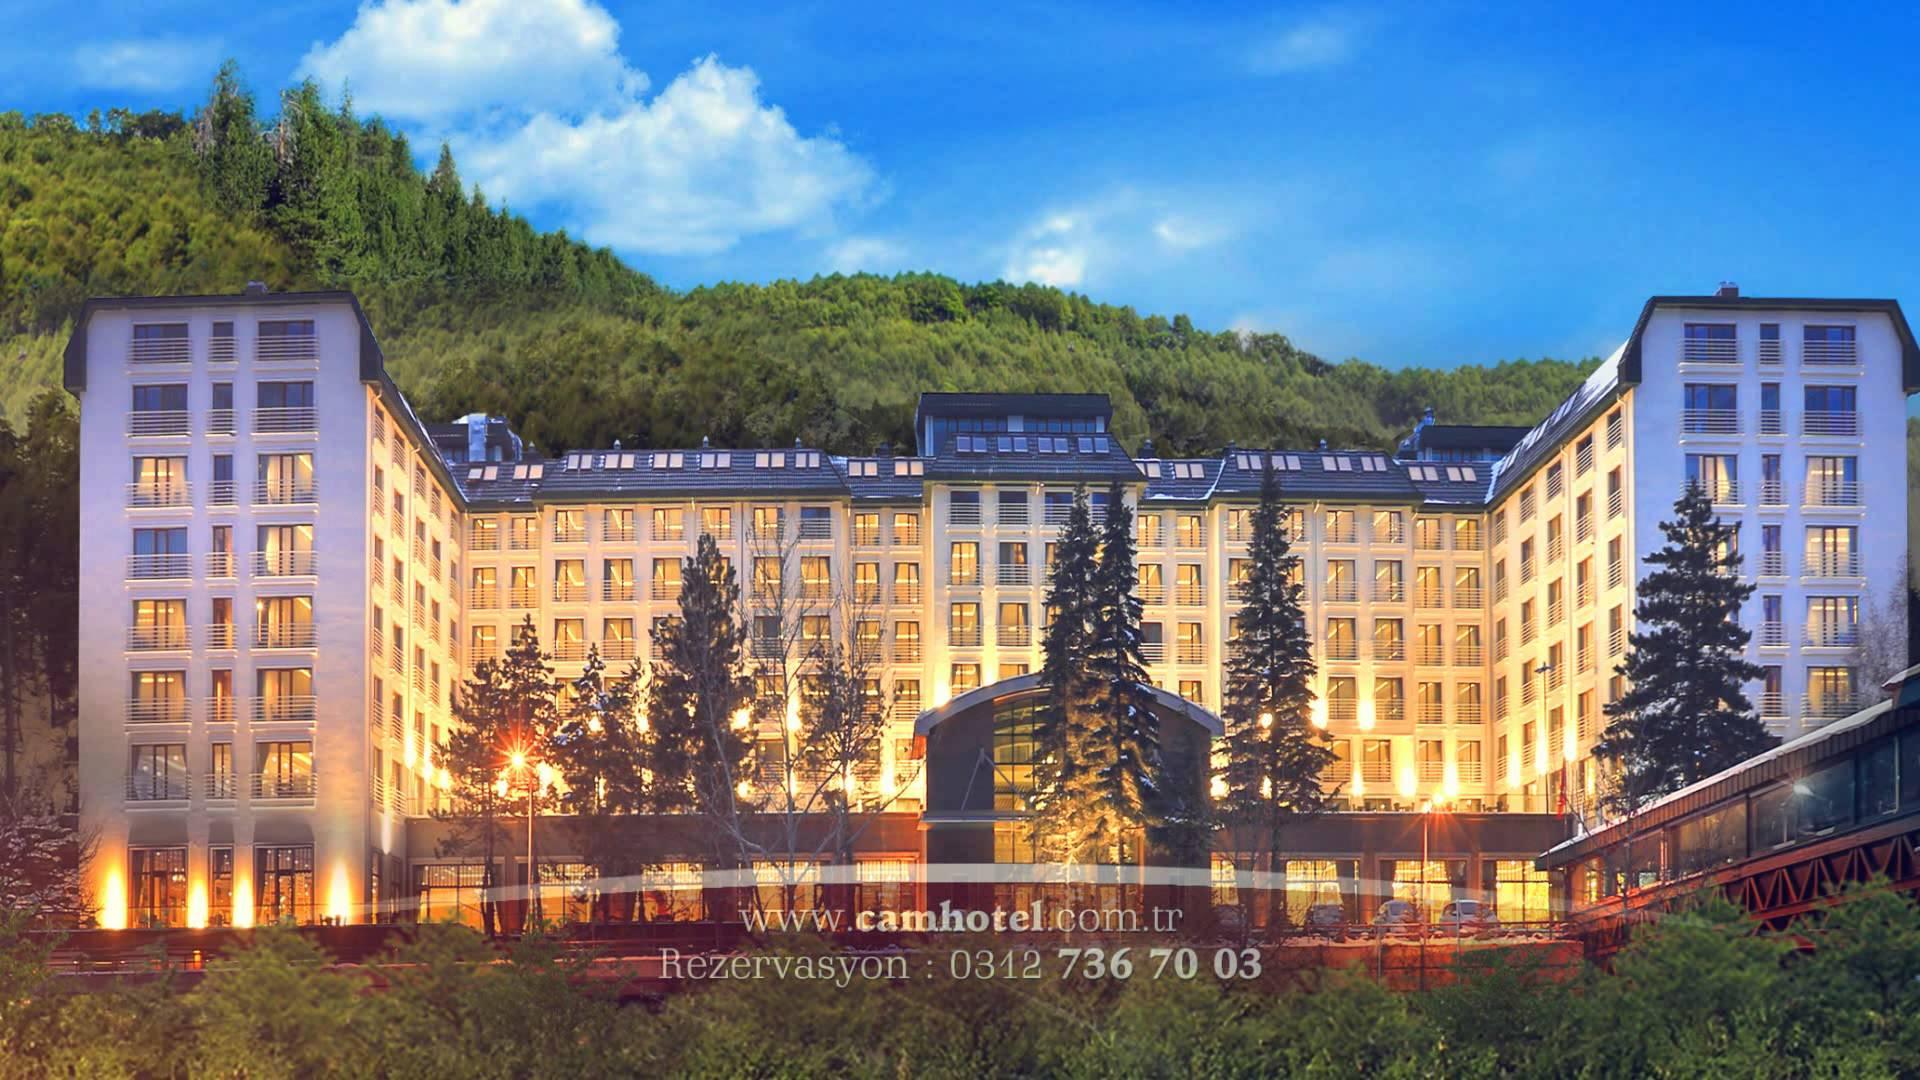 cam-hotel-1